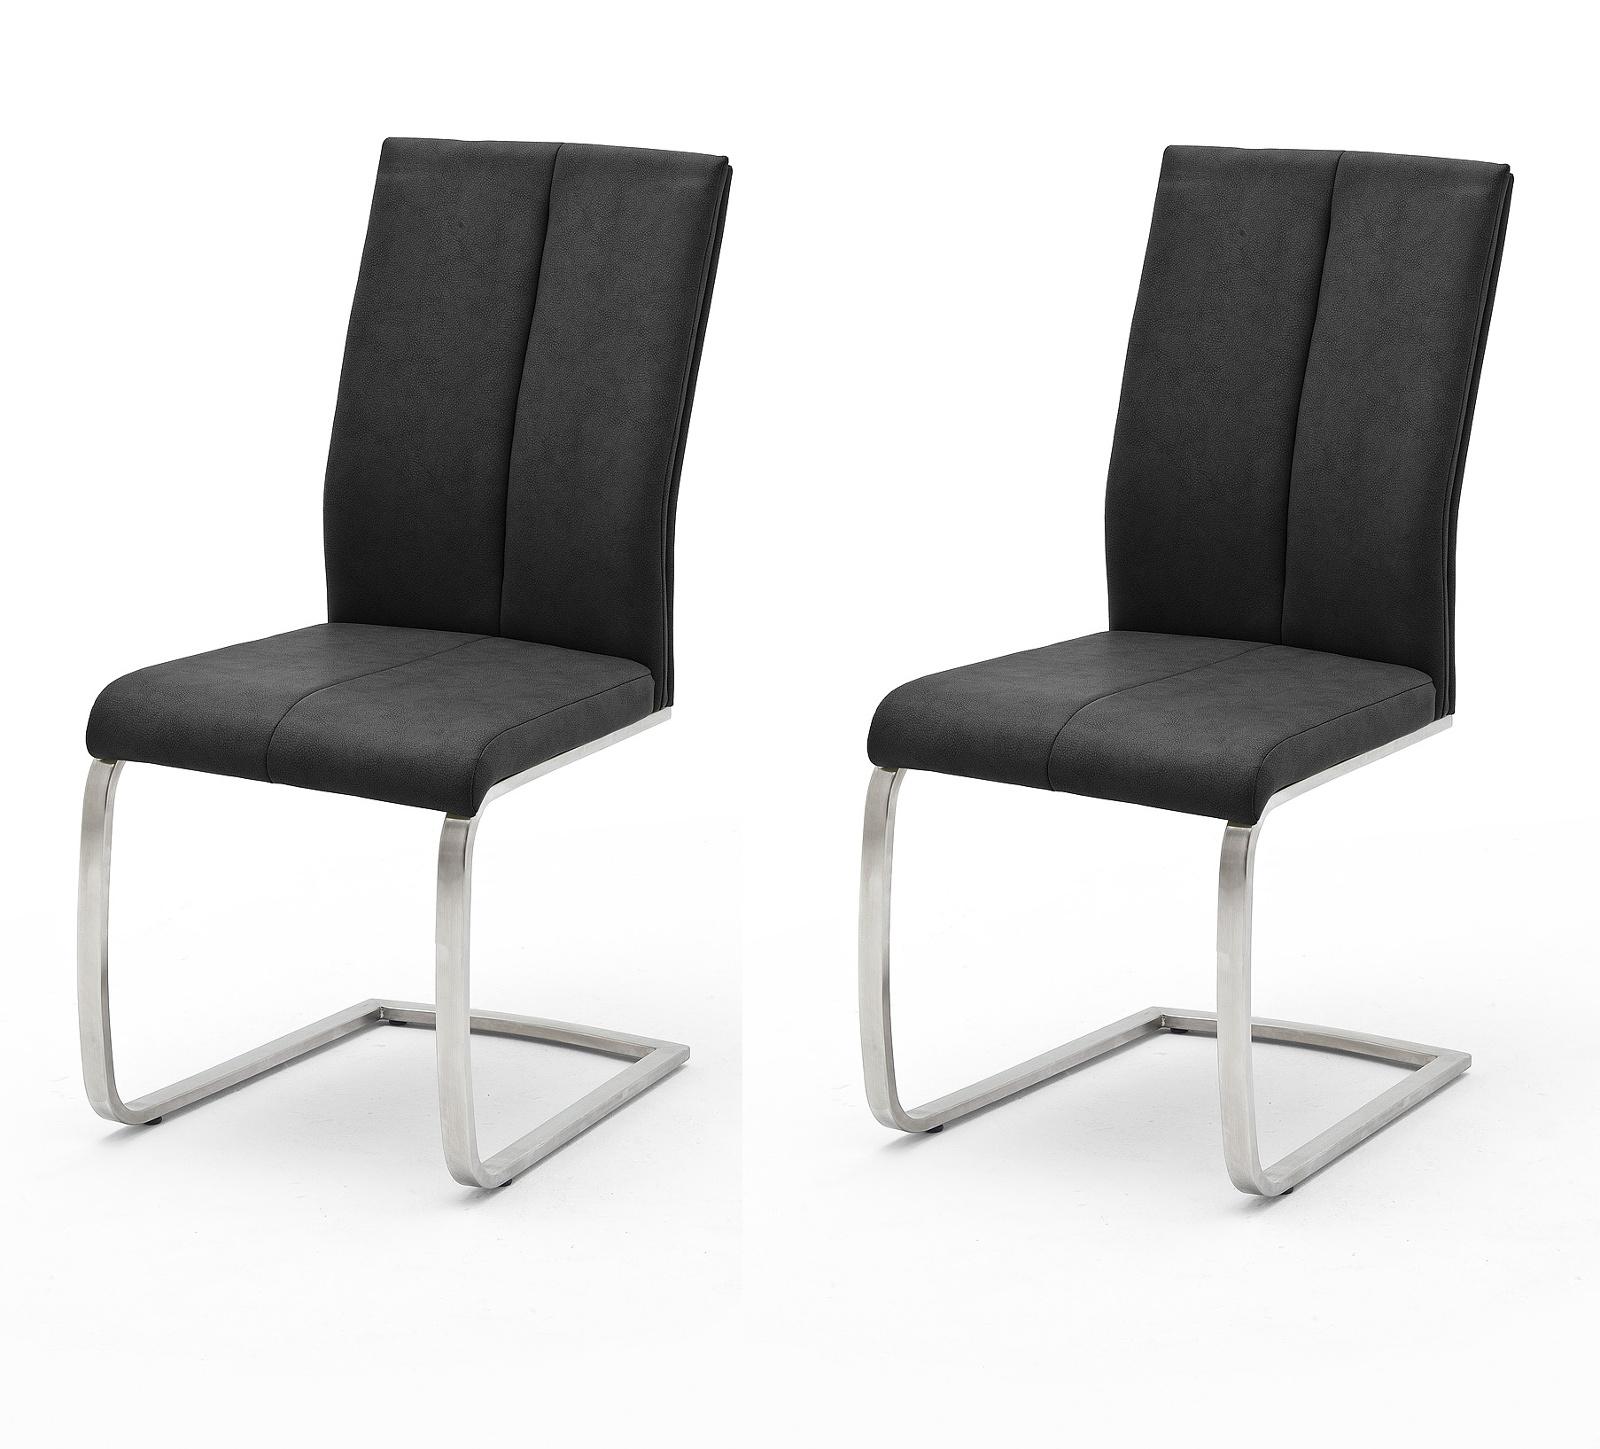 badm bel badschr nke anthrazit hochglanz lack sagunto2. Black Bedroom Furniture Sets. Home Design Ideas